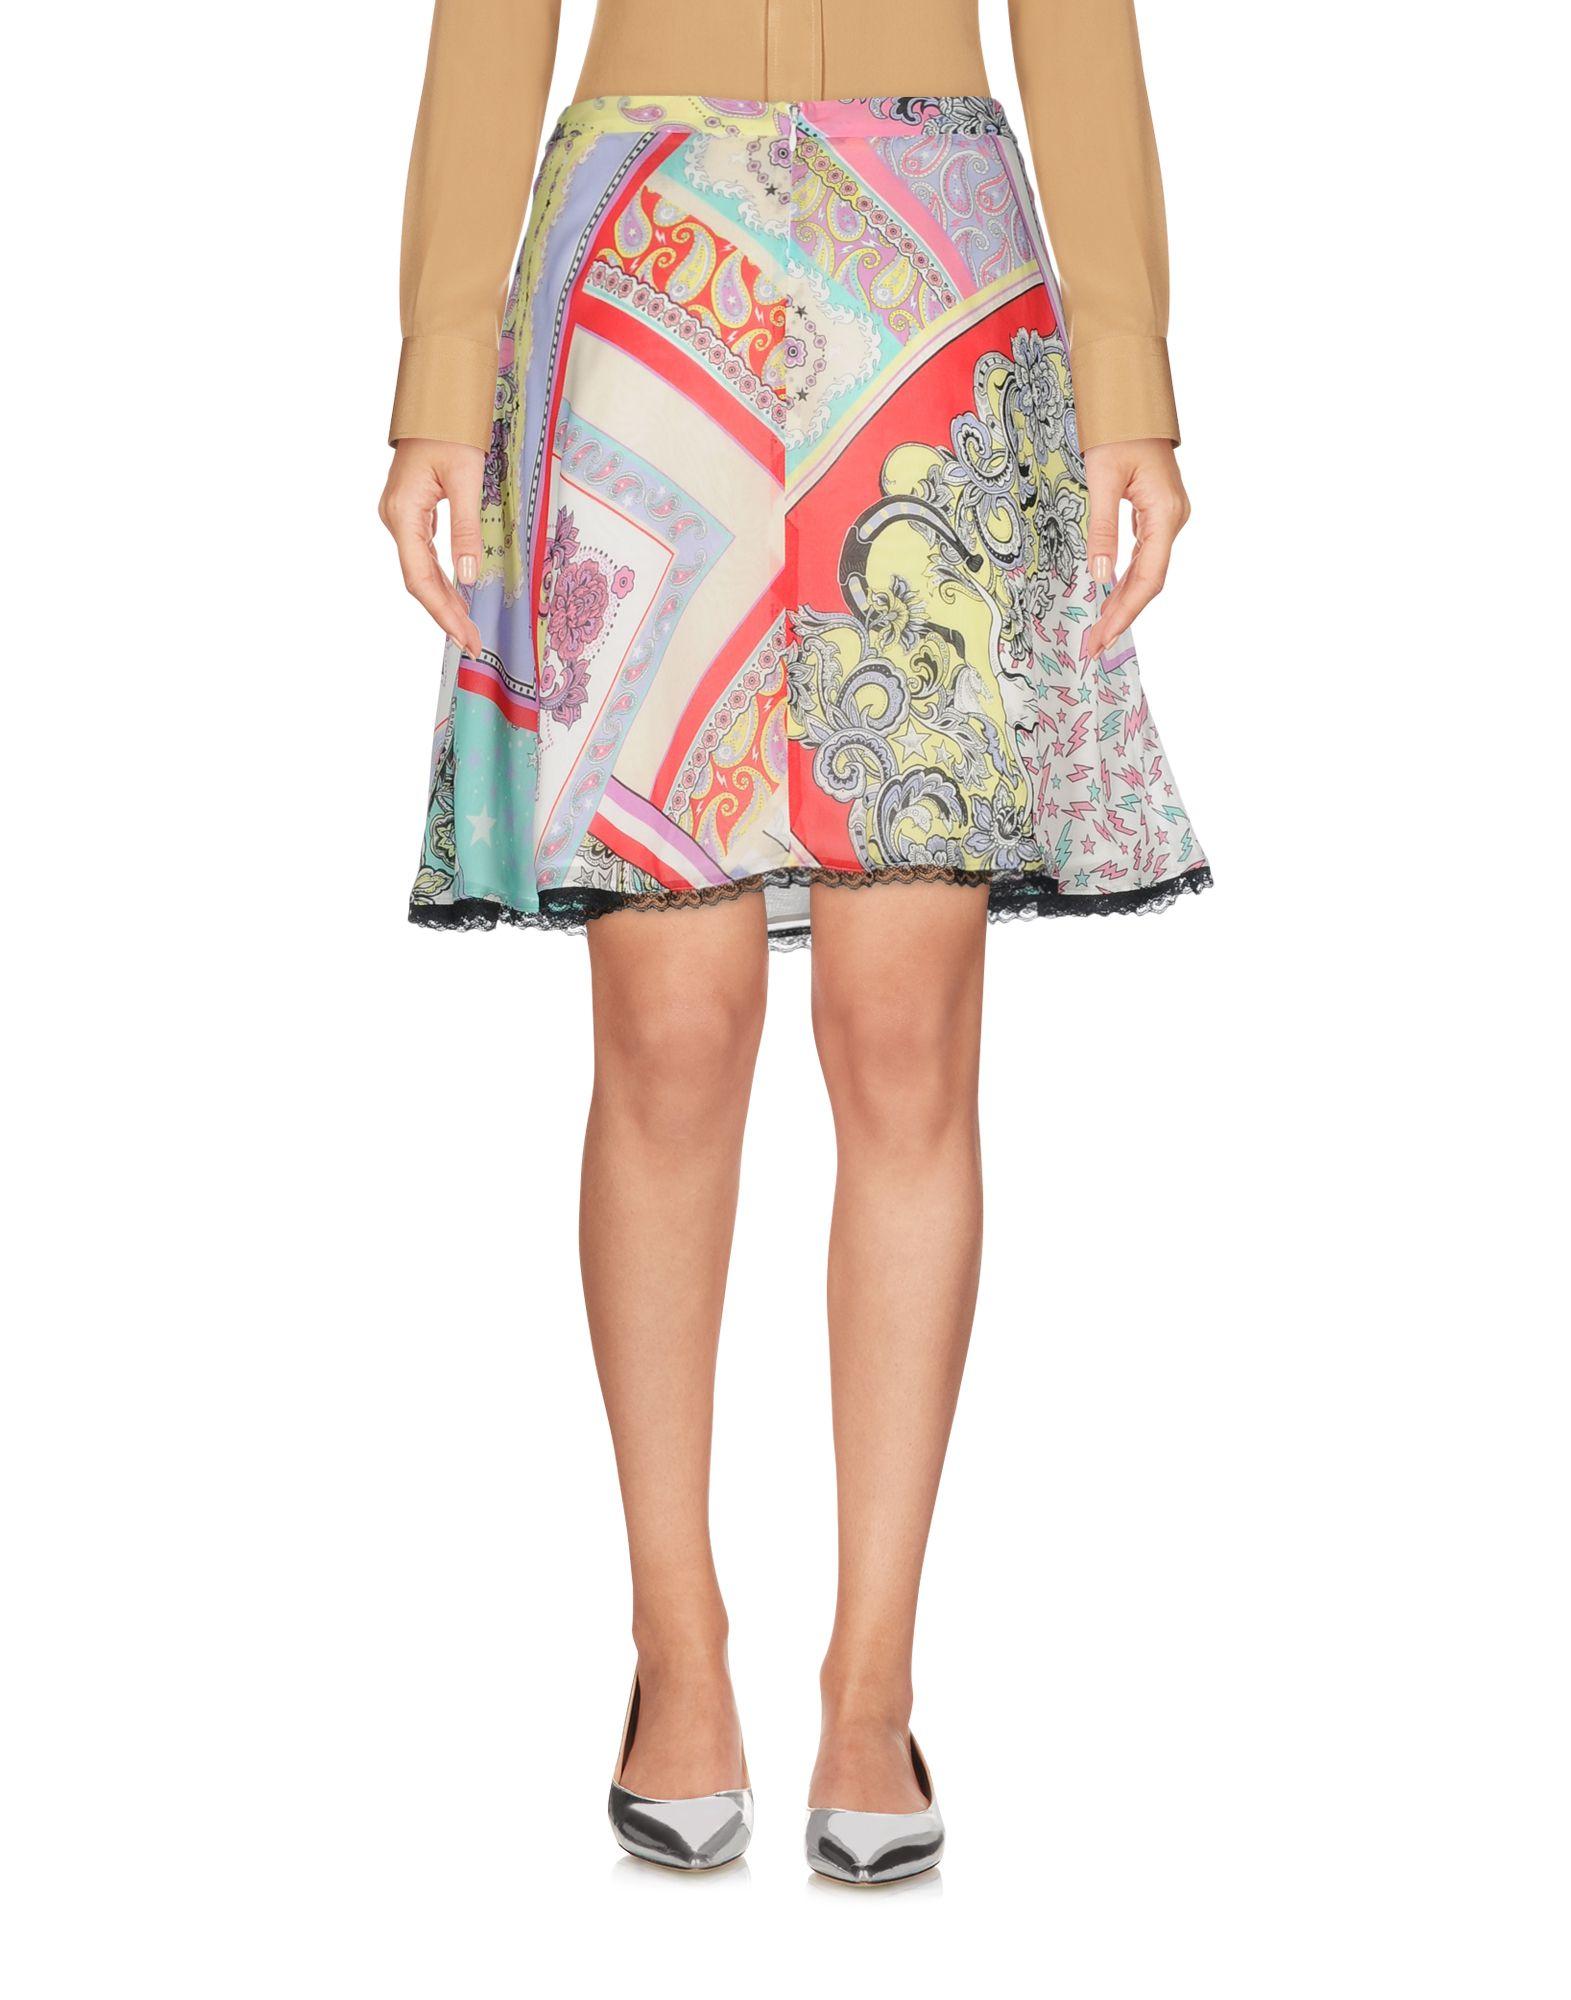 Minigonna Just Cavalli Donna - Acquista online su ICUZfh12W